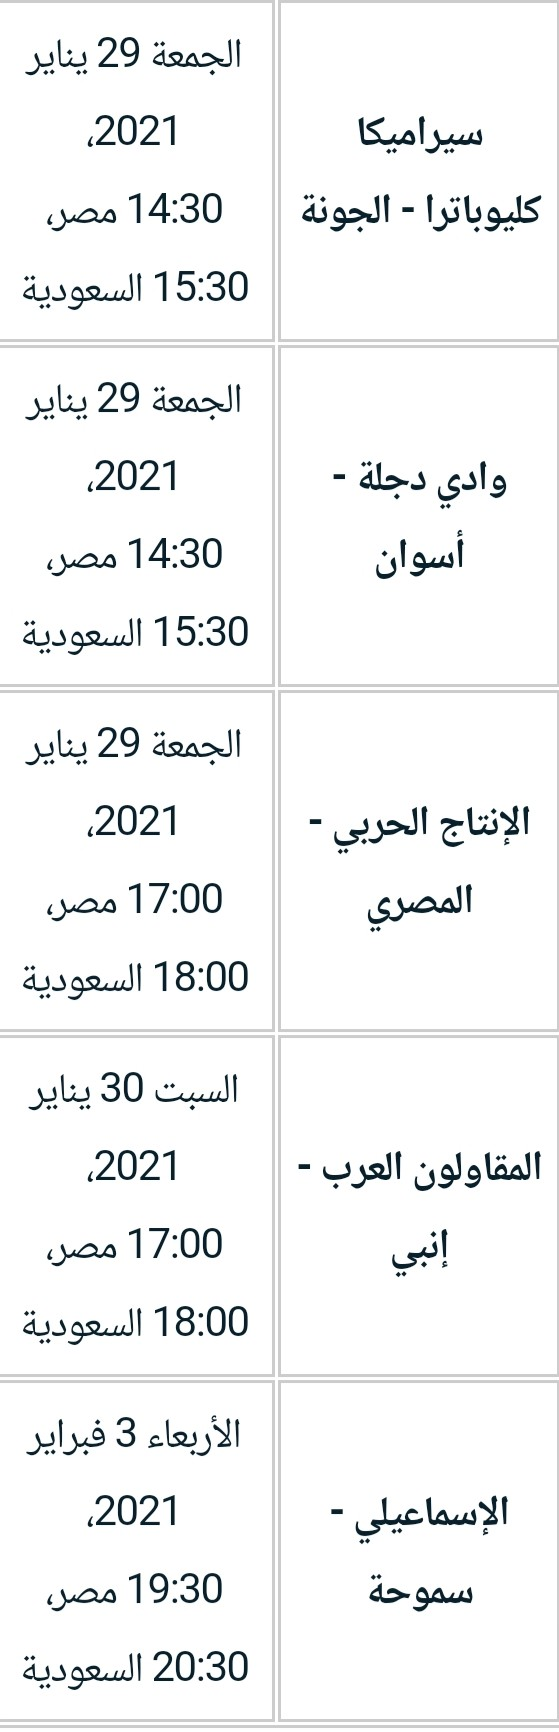 الجولة العاشرة في الدوري المصري